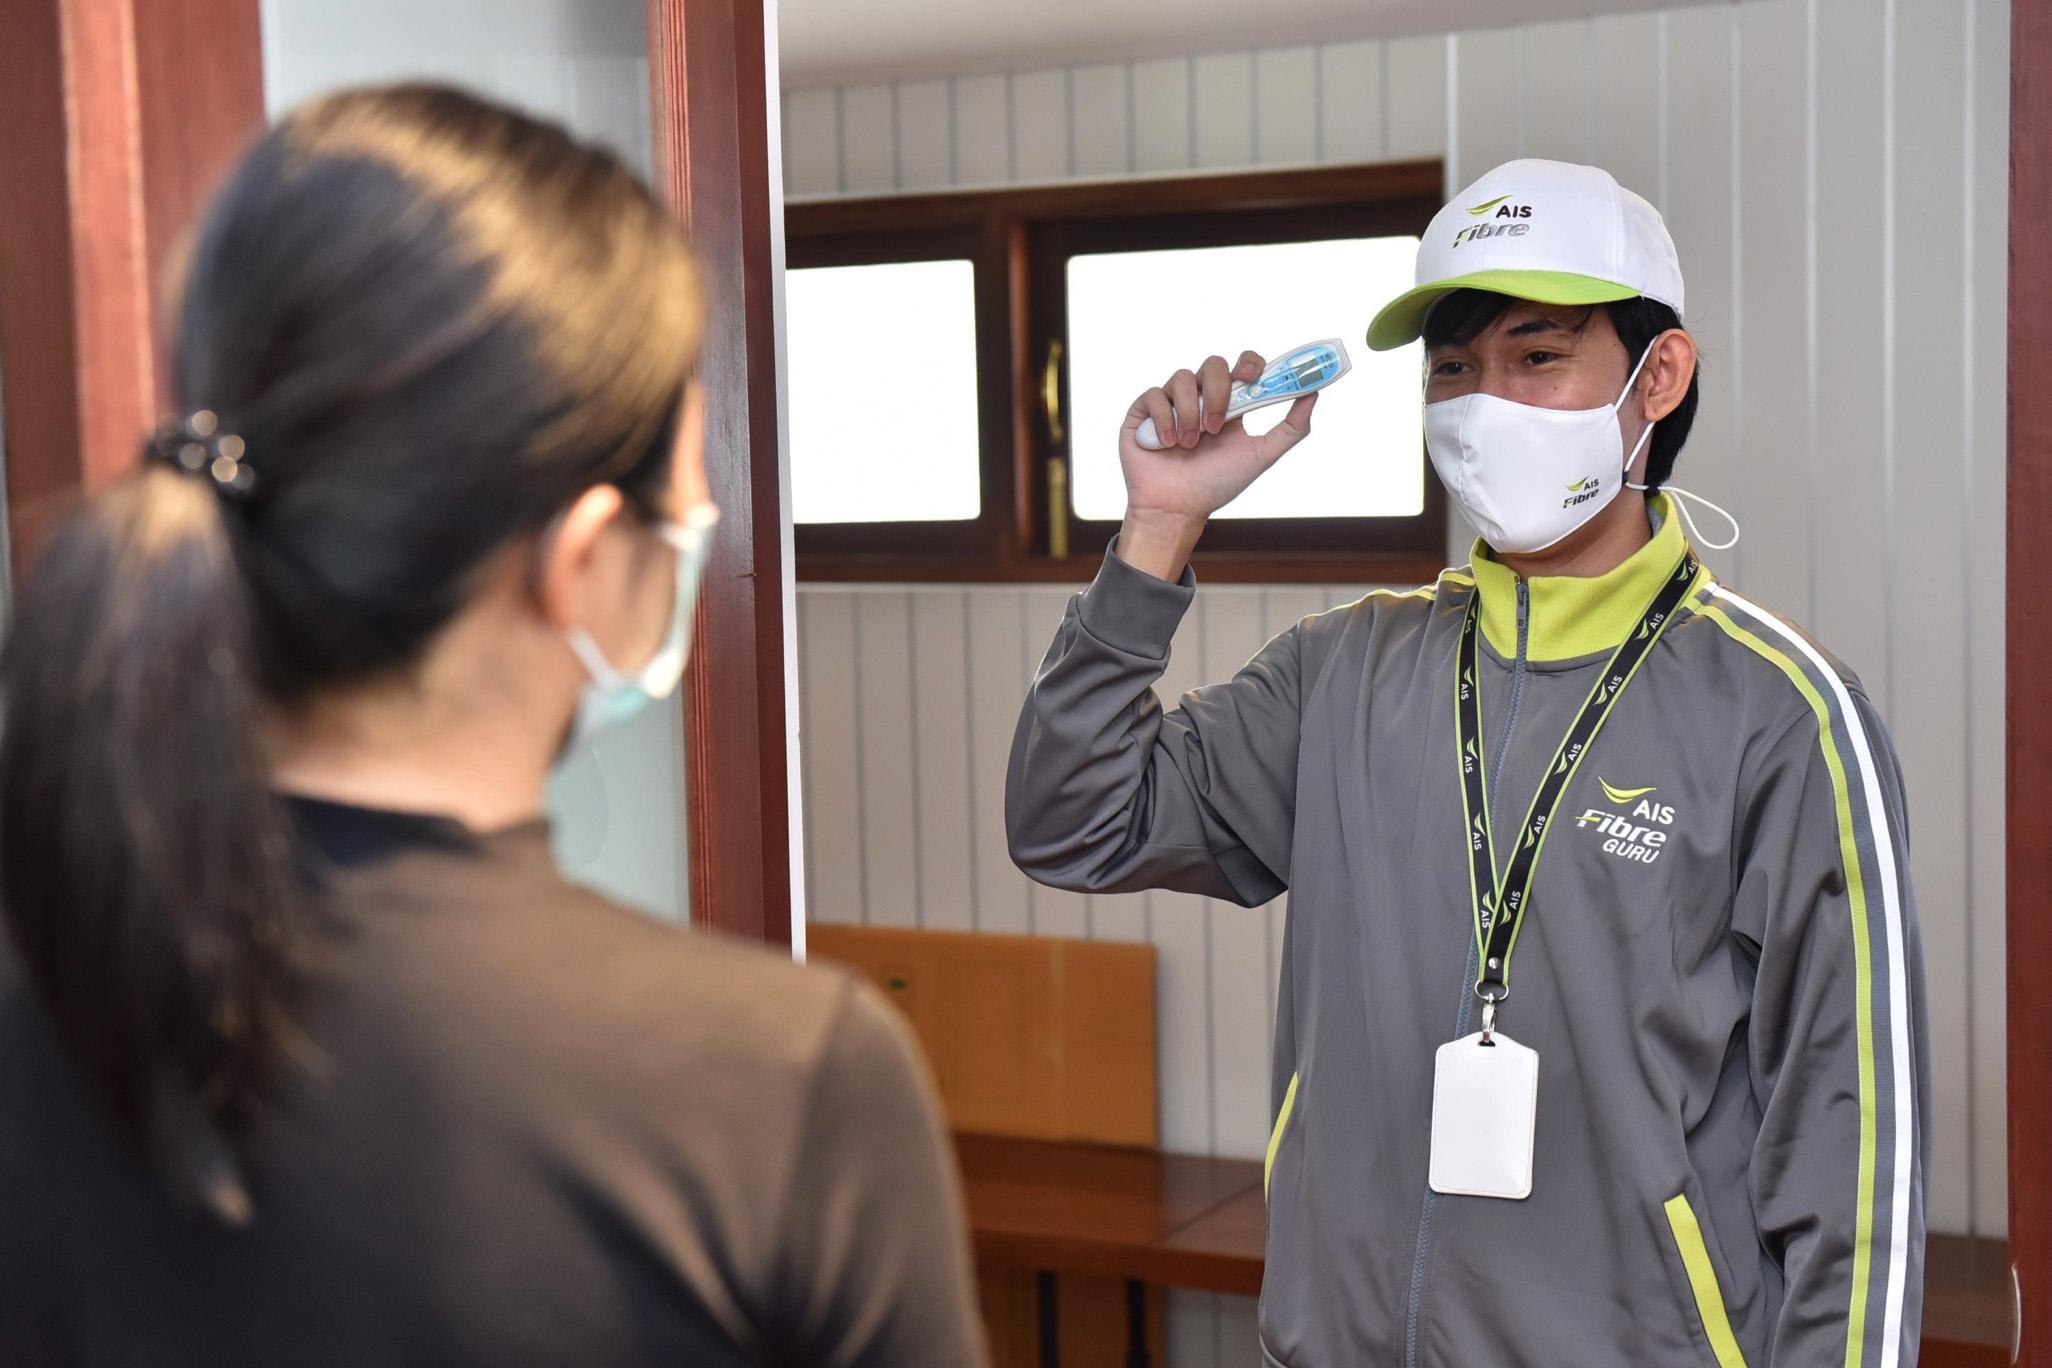 AIS Fibre พร้อมดูแลคนไทยใช้เน็ตบ้านไร้กังวล เข้ม!!!มาตรฐานความปลอดภัย 100% ของทีมช่างติดตั้ง